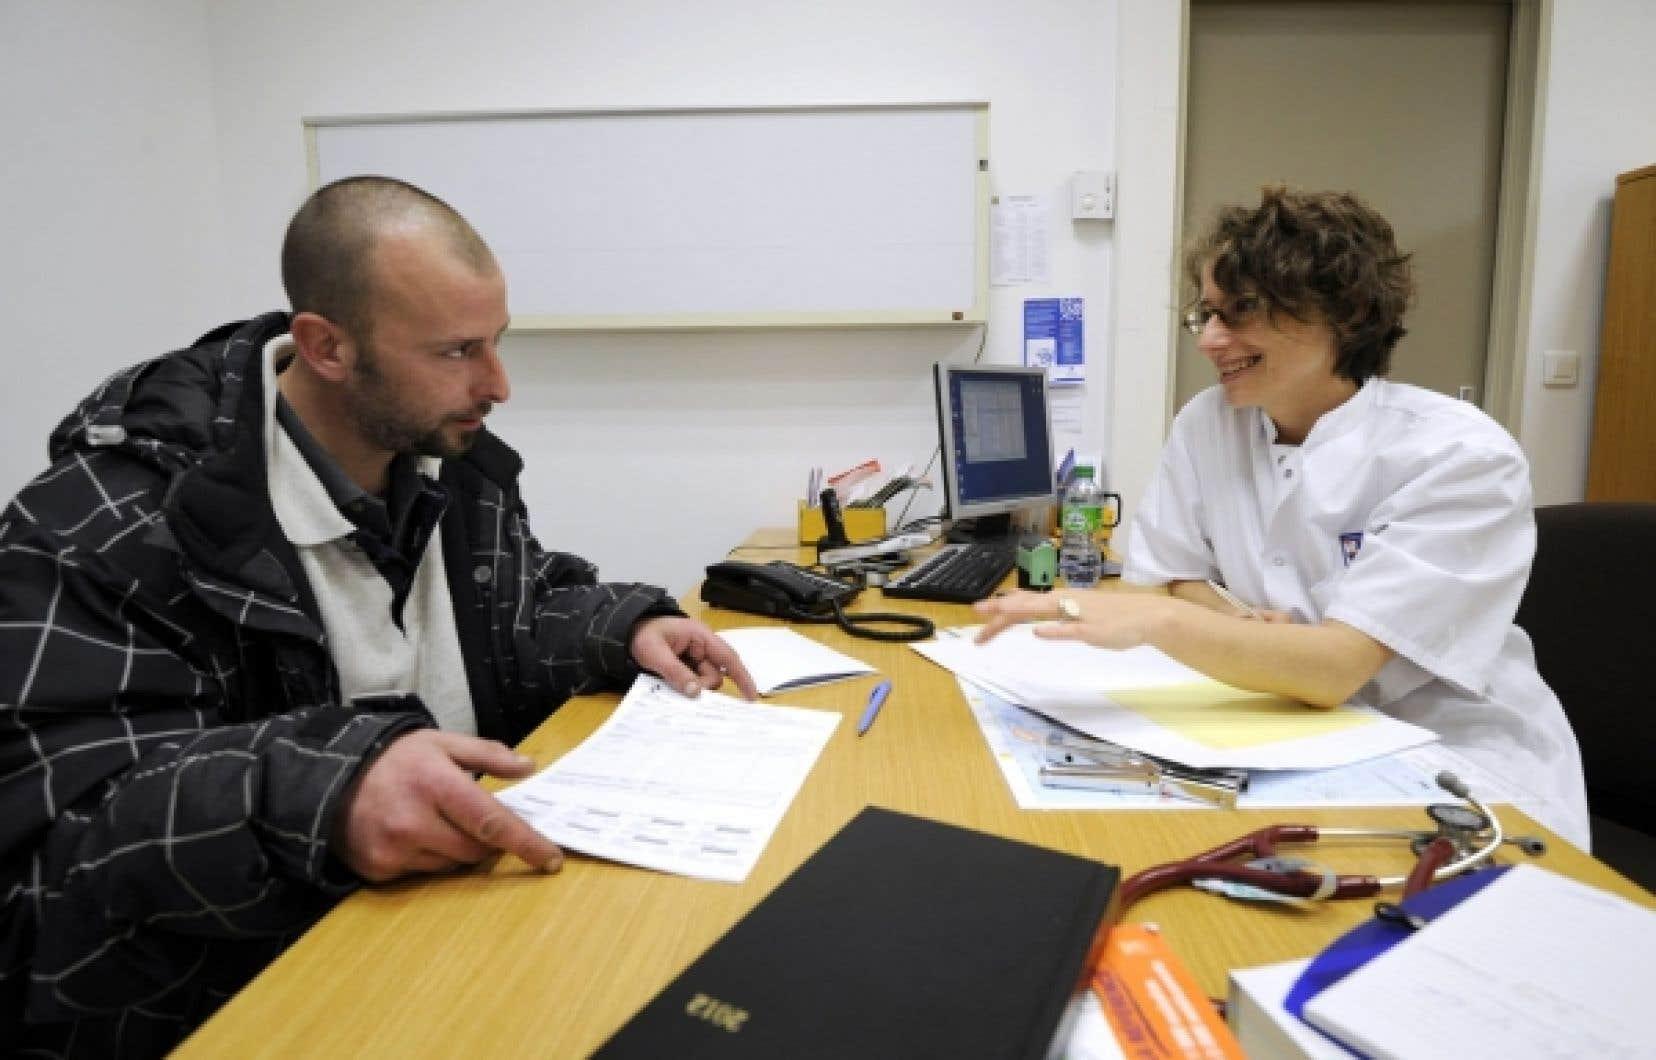 Il peut être difficile pour les personnes analphabètes de se retrouver dans le système de santé.